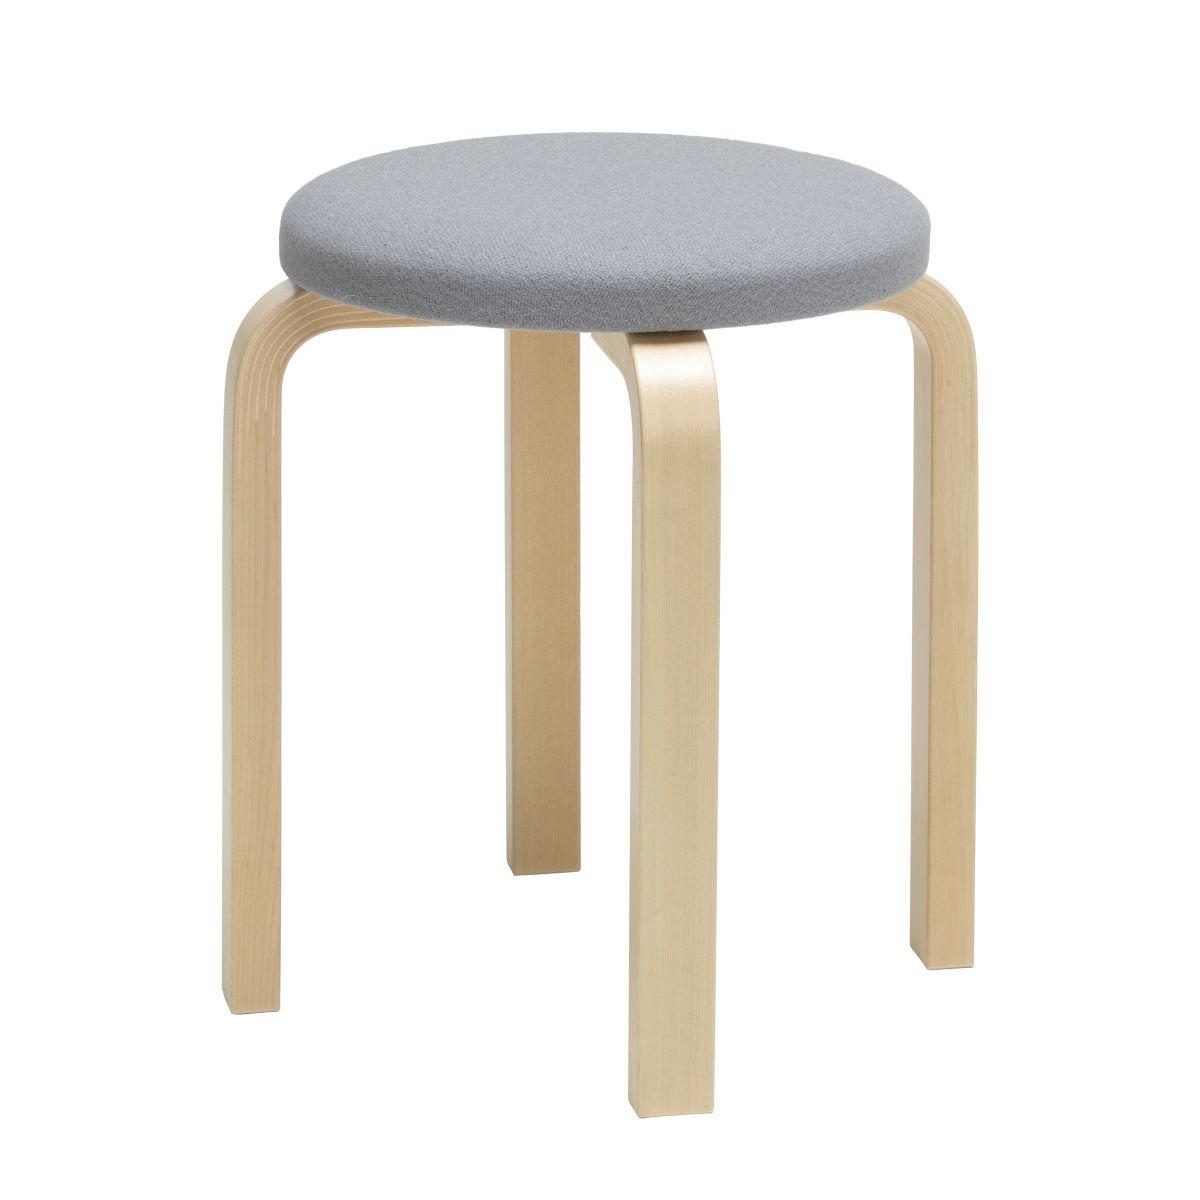 Stool E60 natural/ upholstery Kvadrat Tonus 216_F